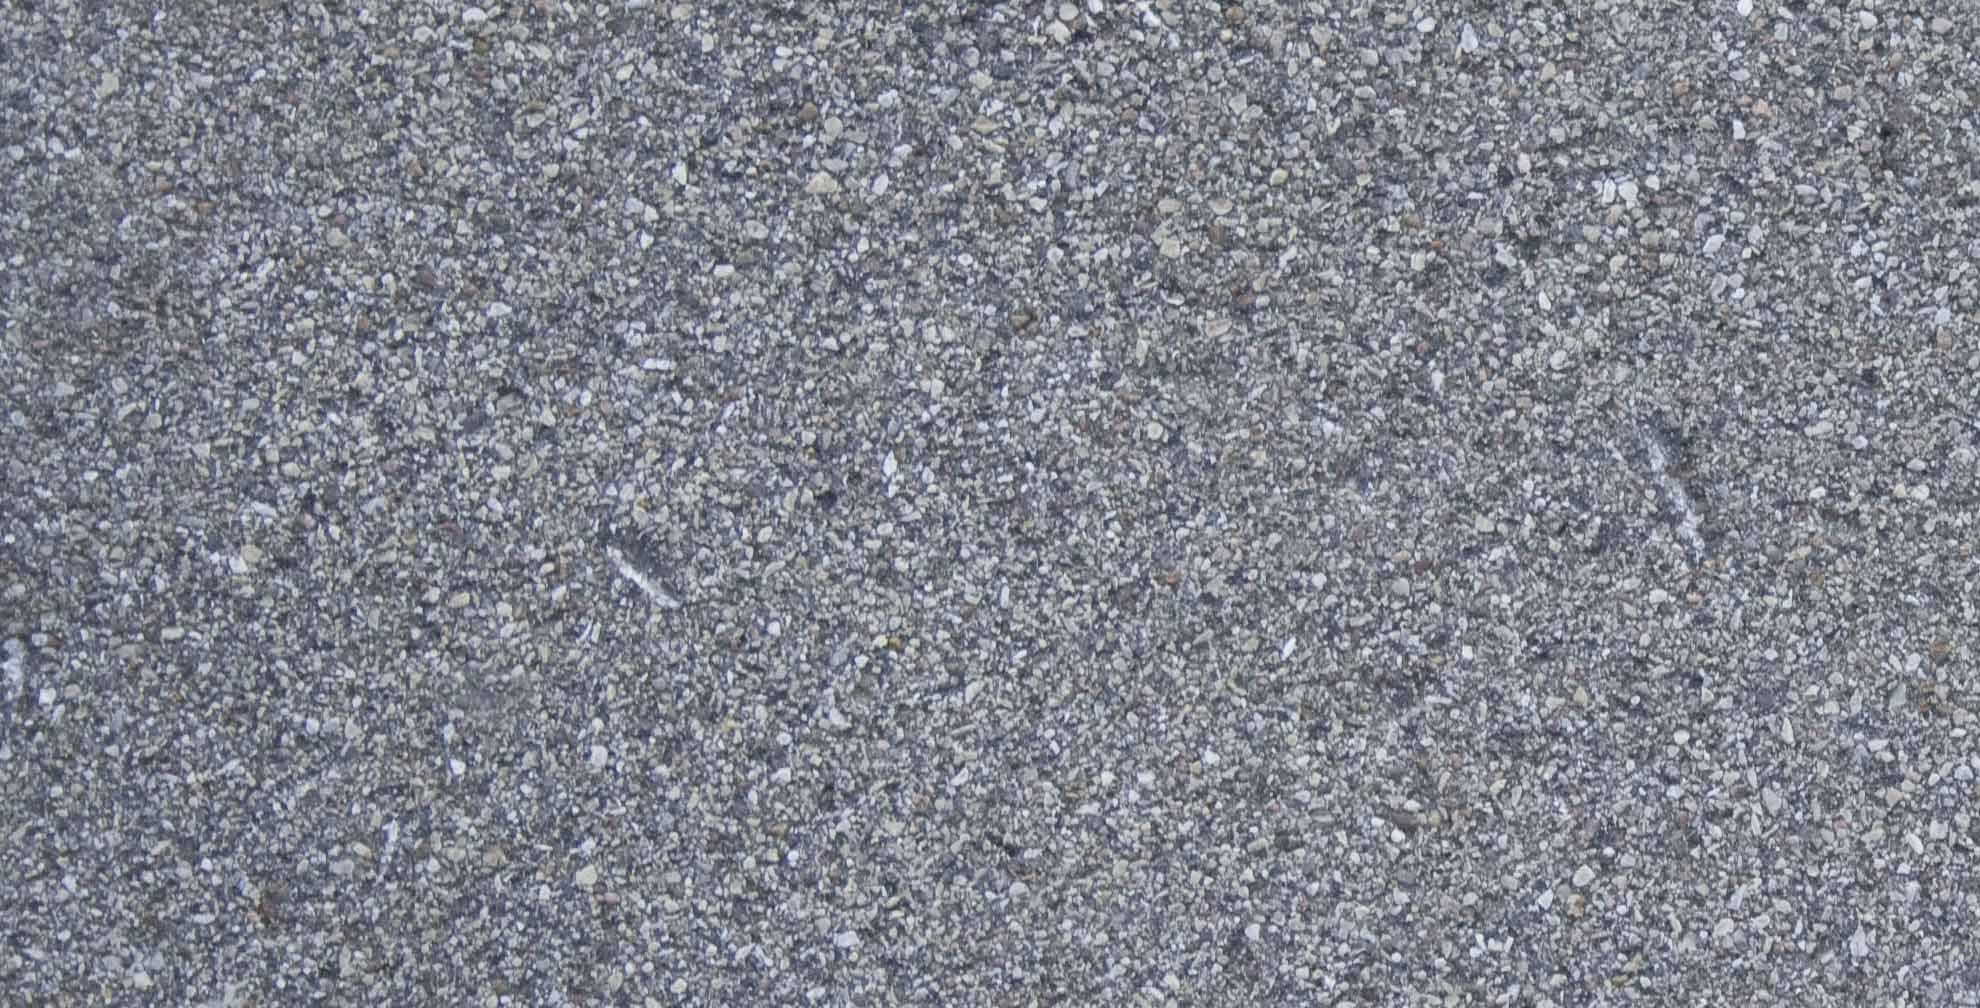 Бетонные смеси мелкозернистого бетона истра заказать бетон